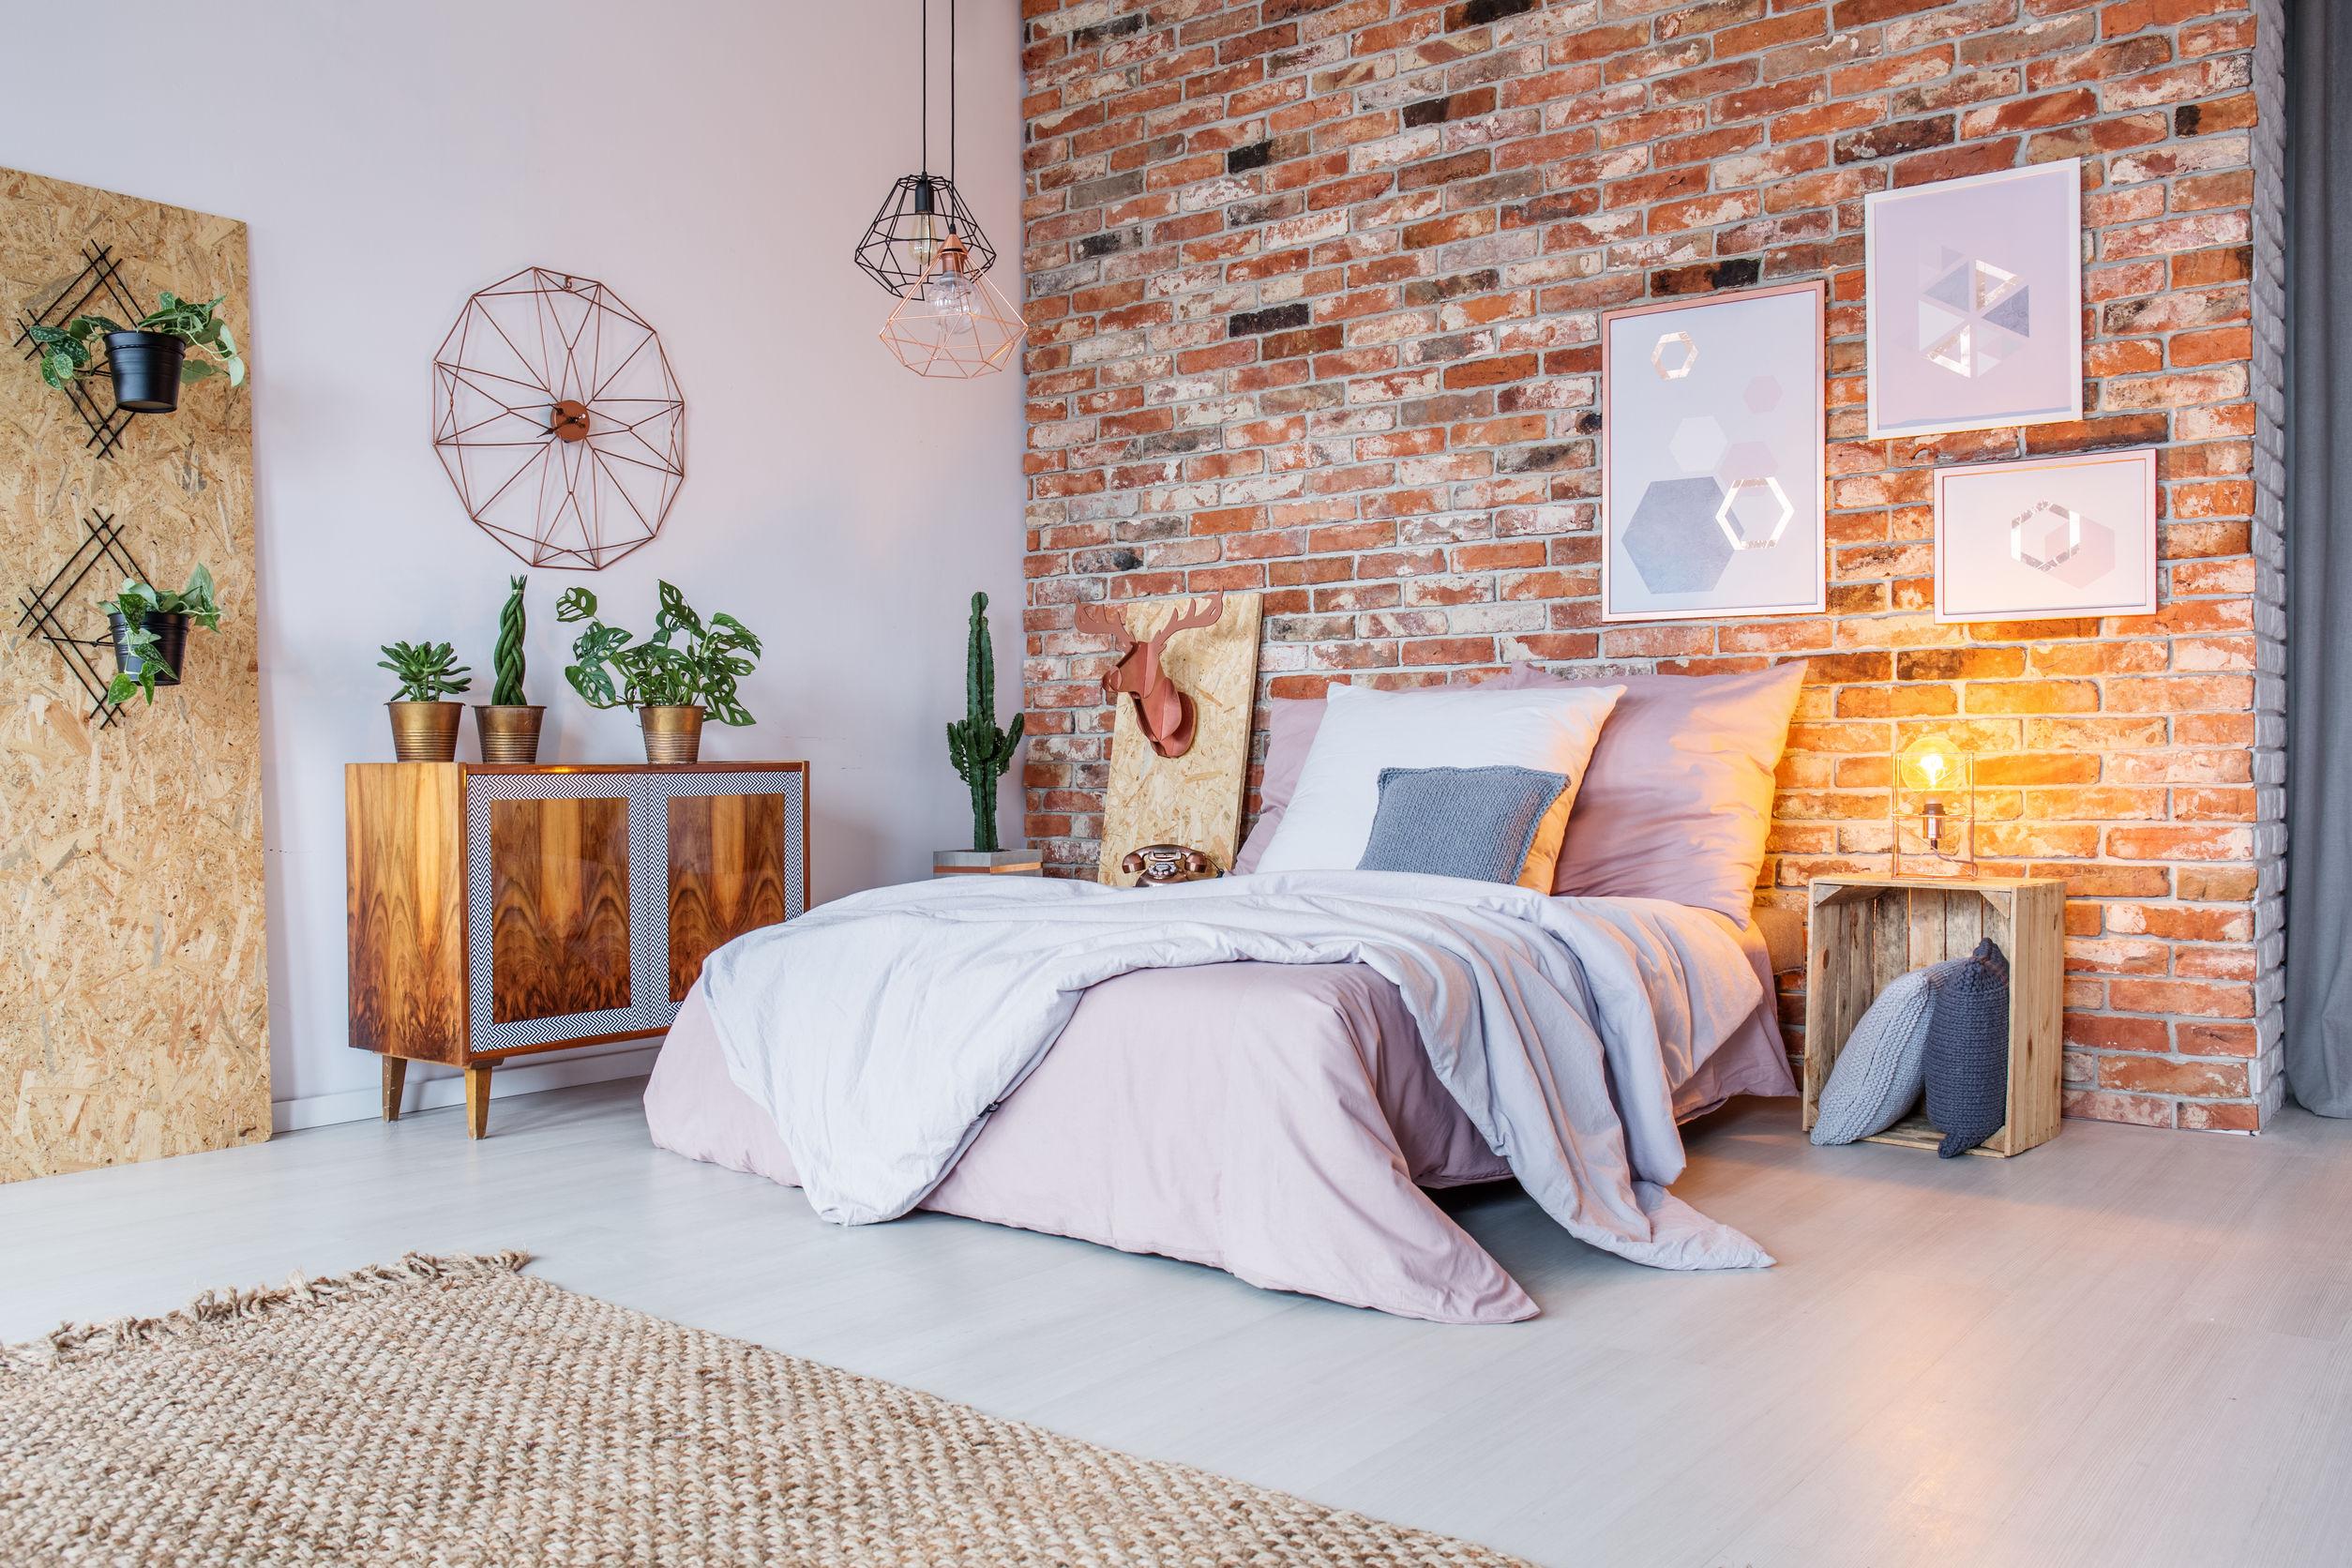 Dormitorio luminoso con cama doble, pared de ladrillo y alfombra